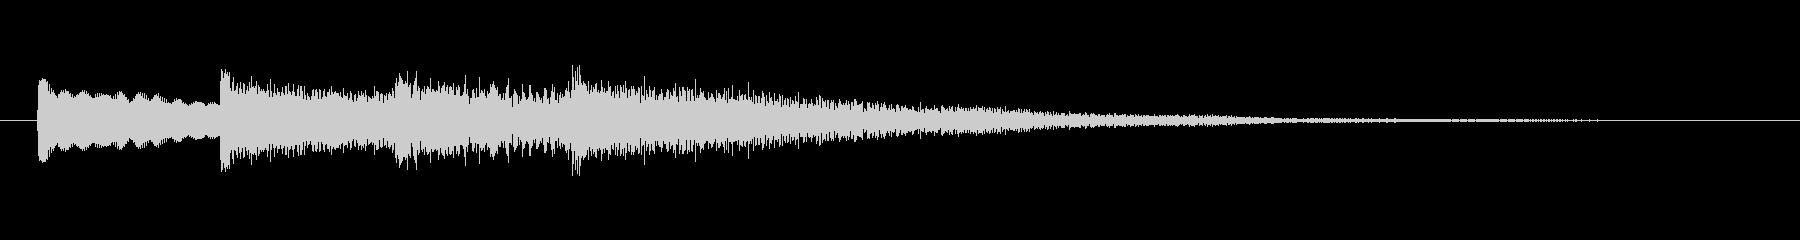 【チャイム 学校03-06】の未再生の波形